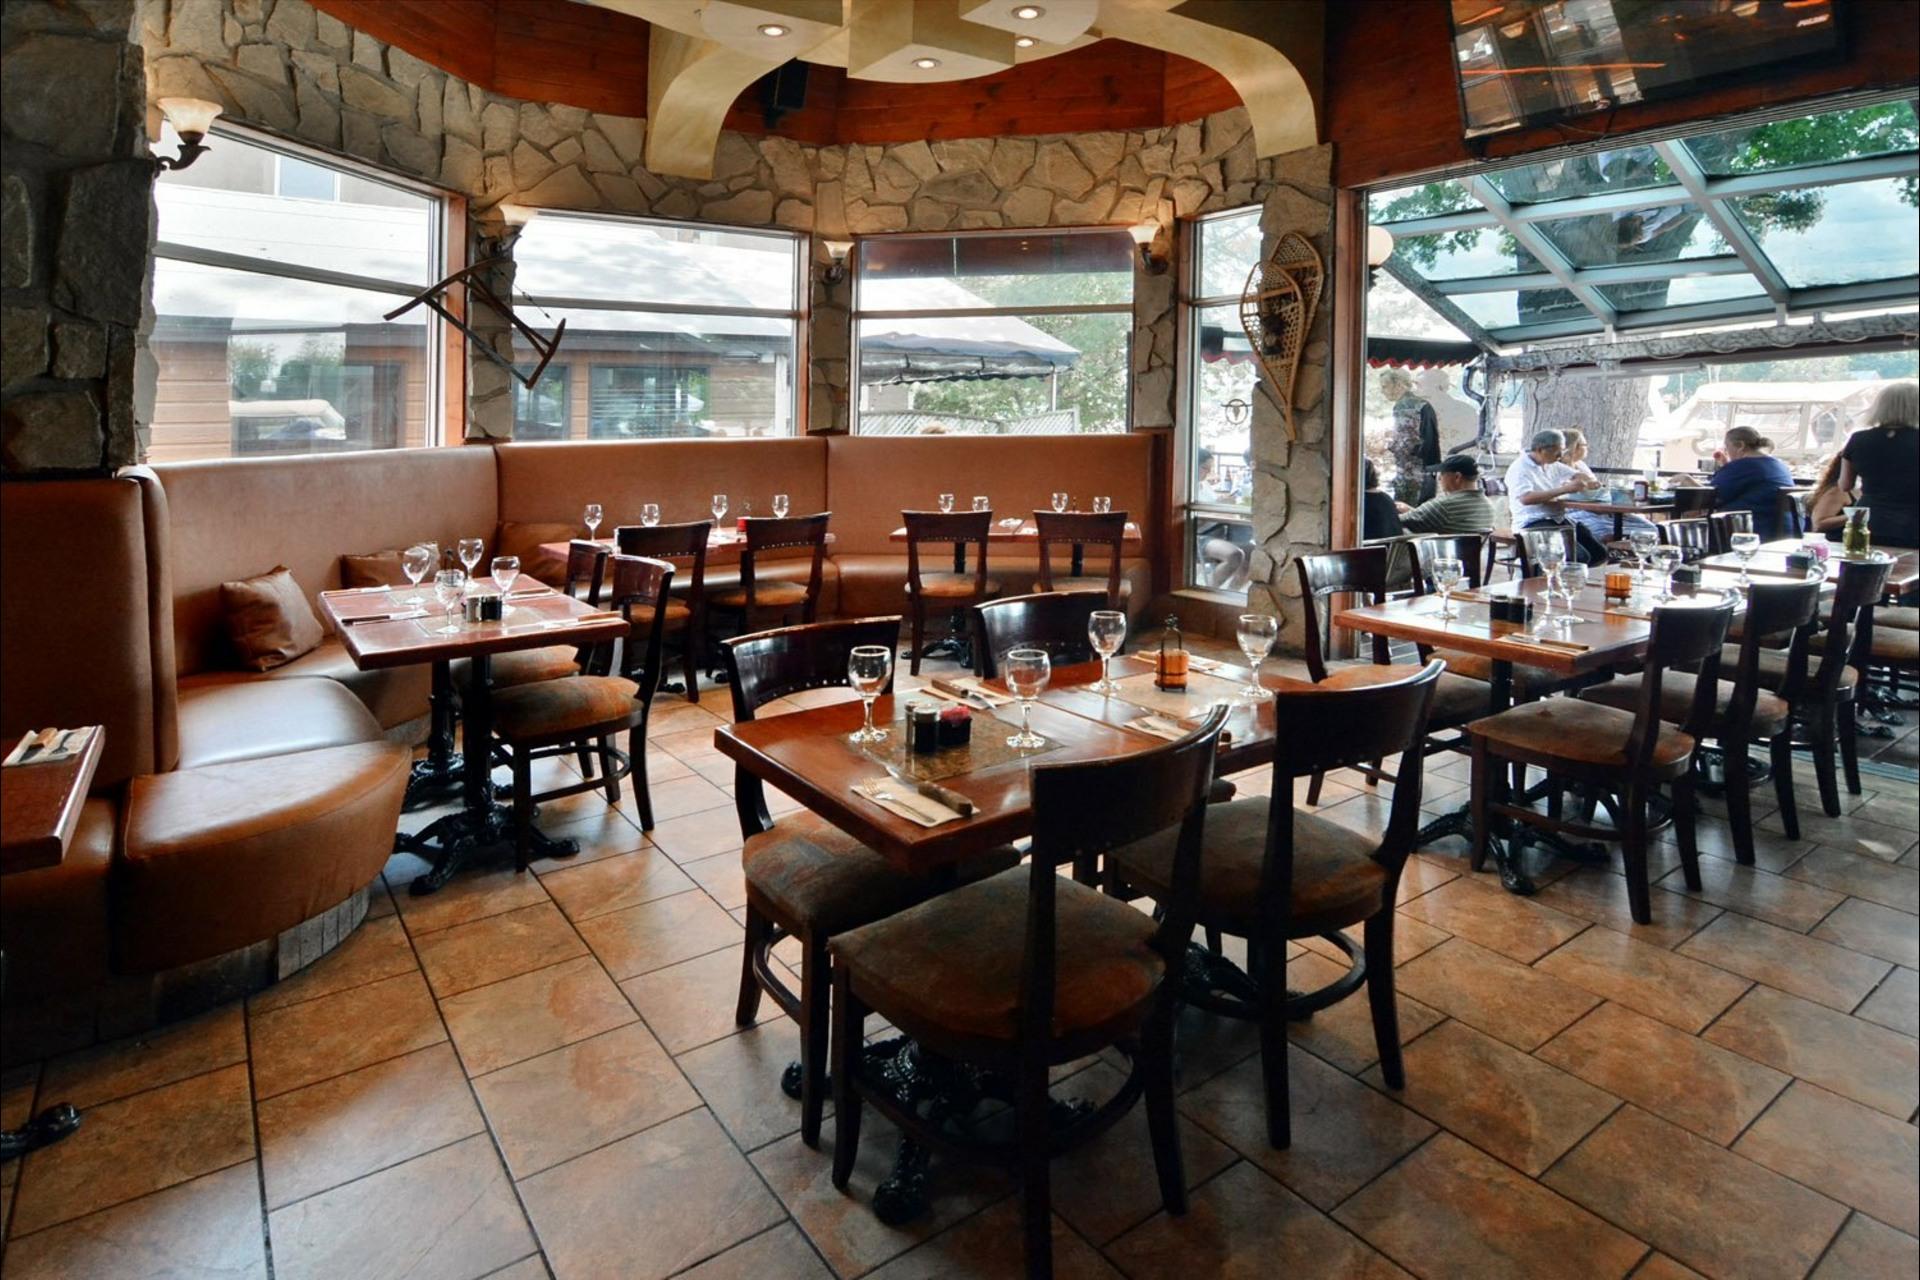 image 20 - Commercial À vendre Sainte-Anne-de-Bellevue